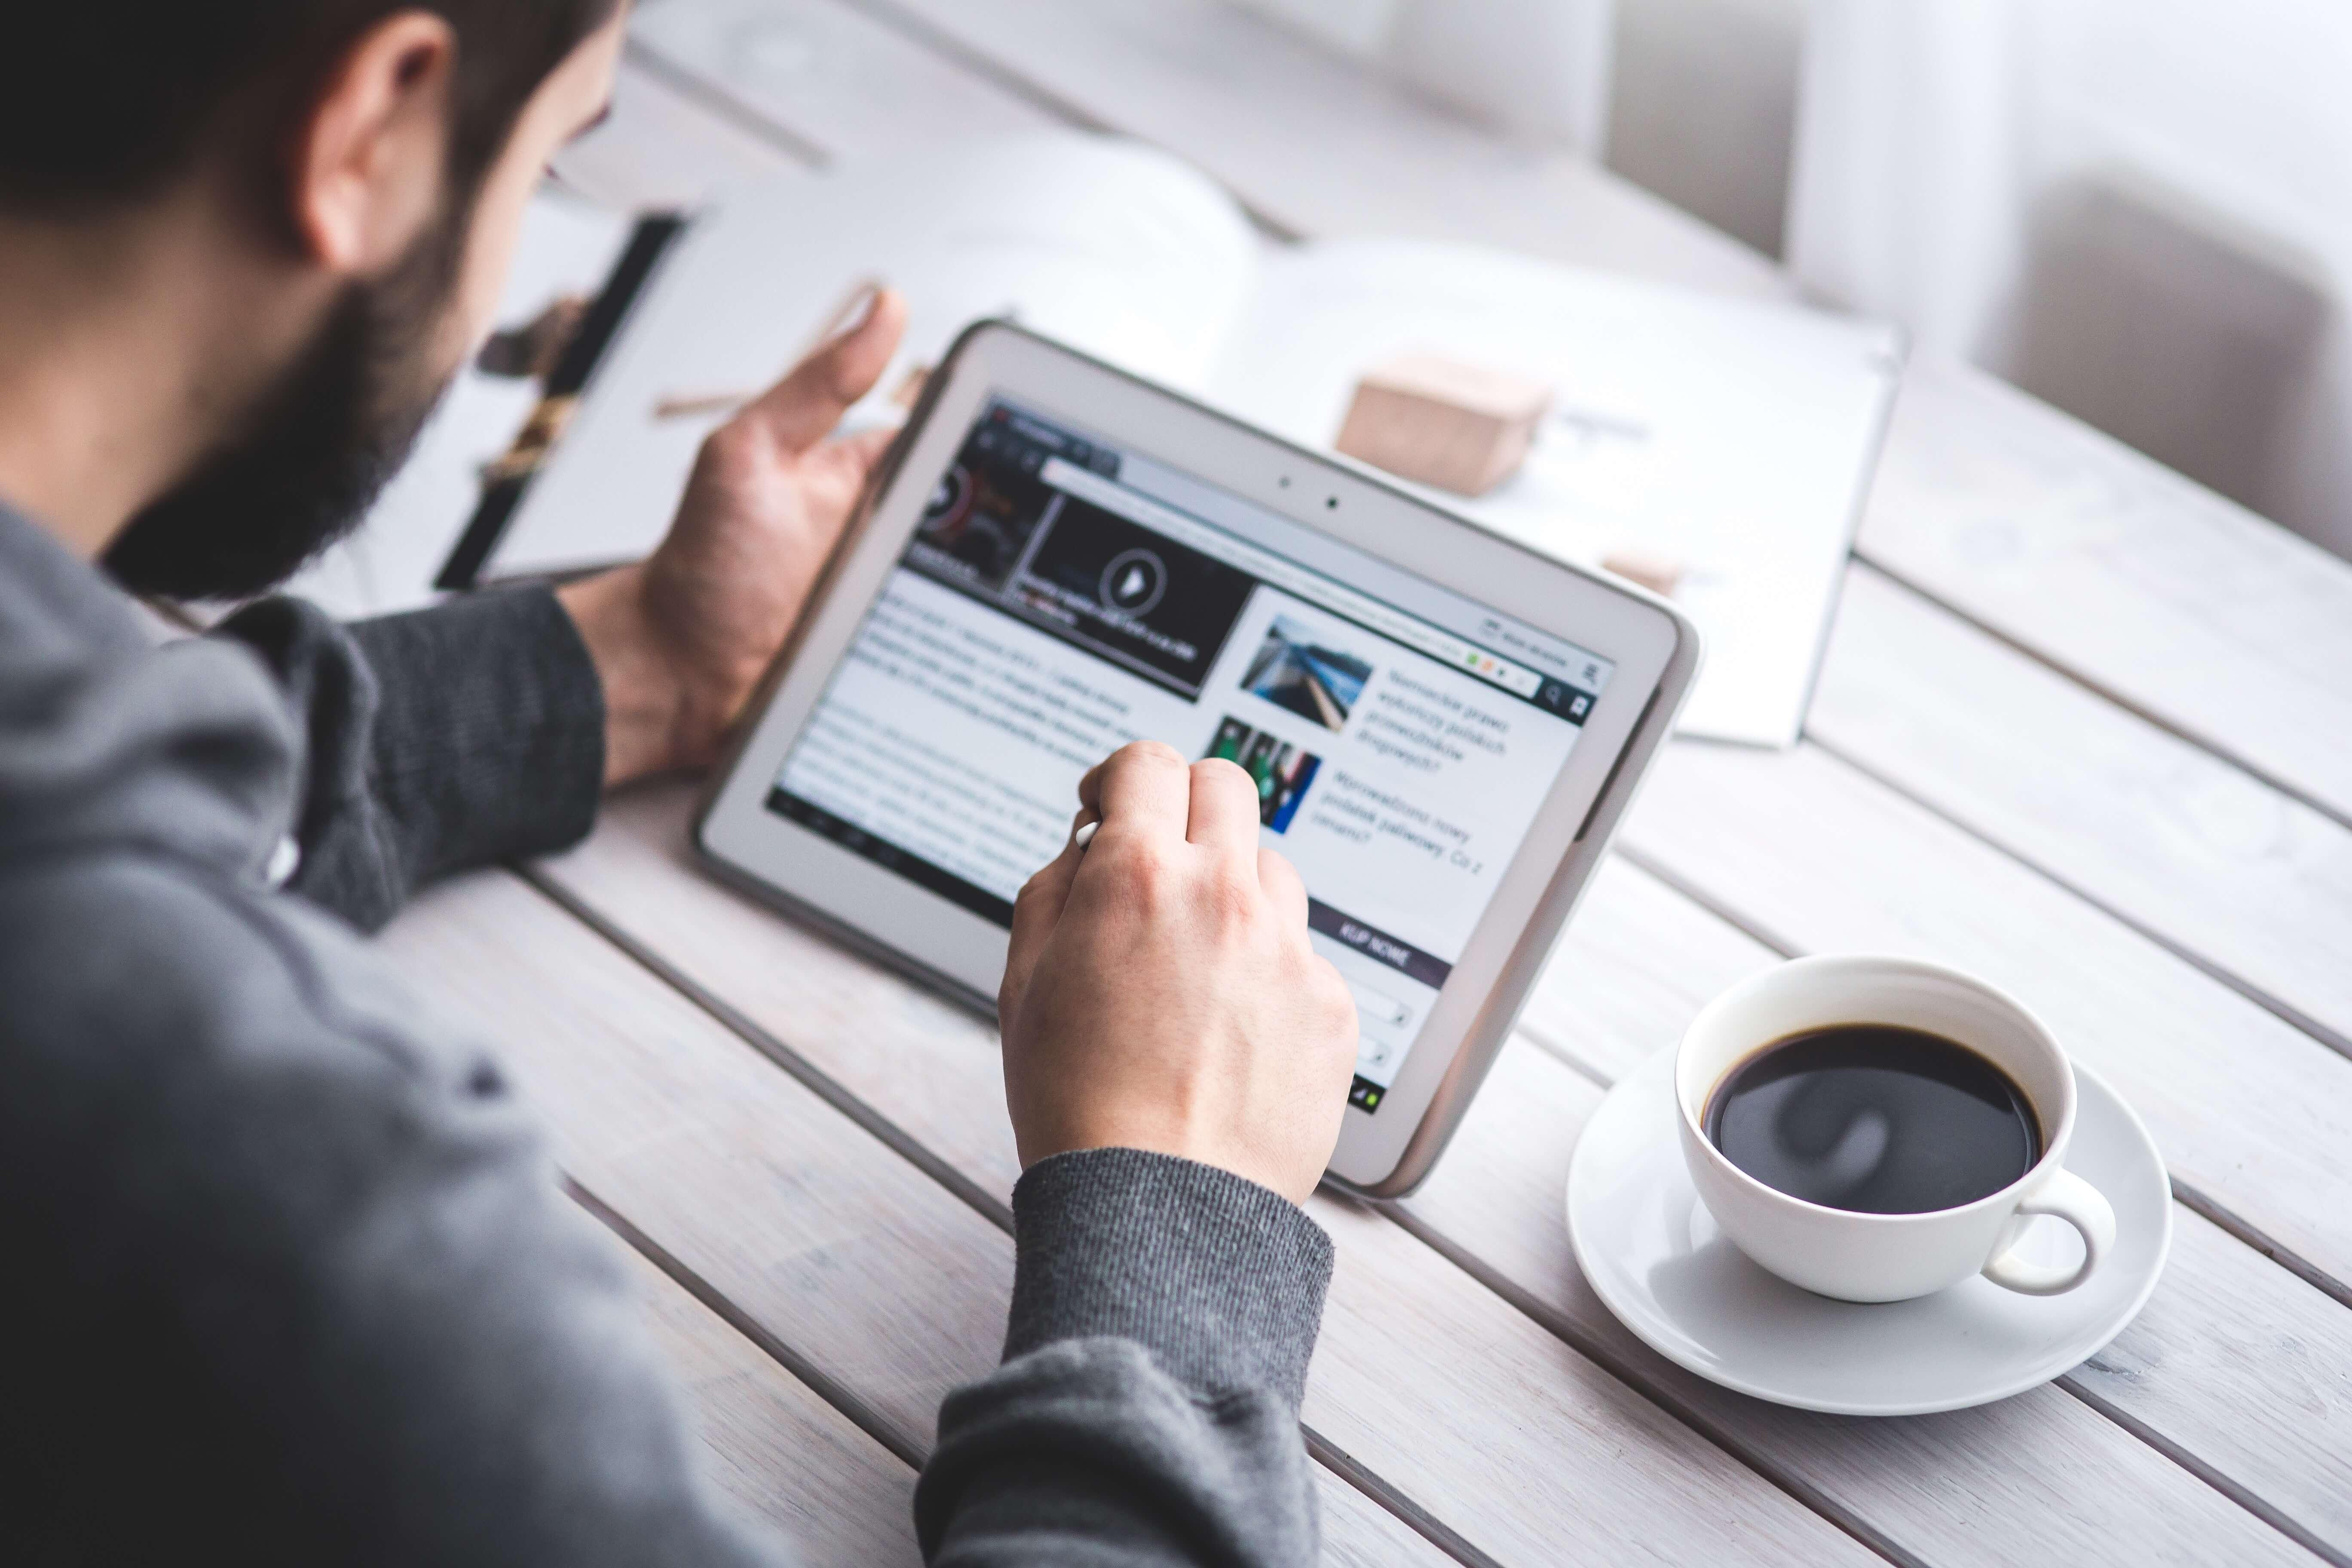 Gdzie bywać i jak się pokazywać czyli brand safety i viewability kampanii reklamowych online